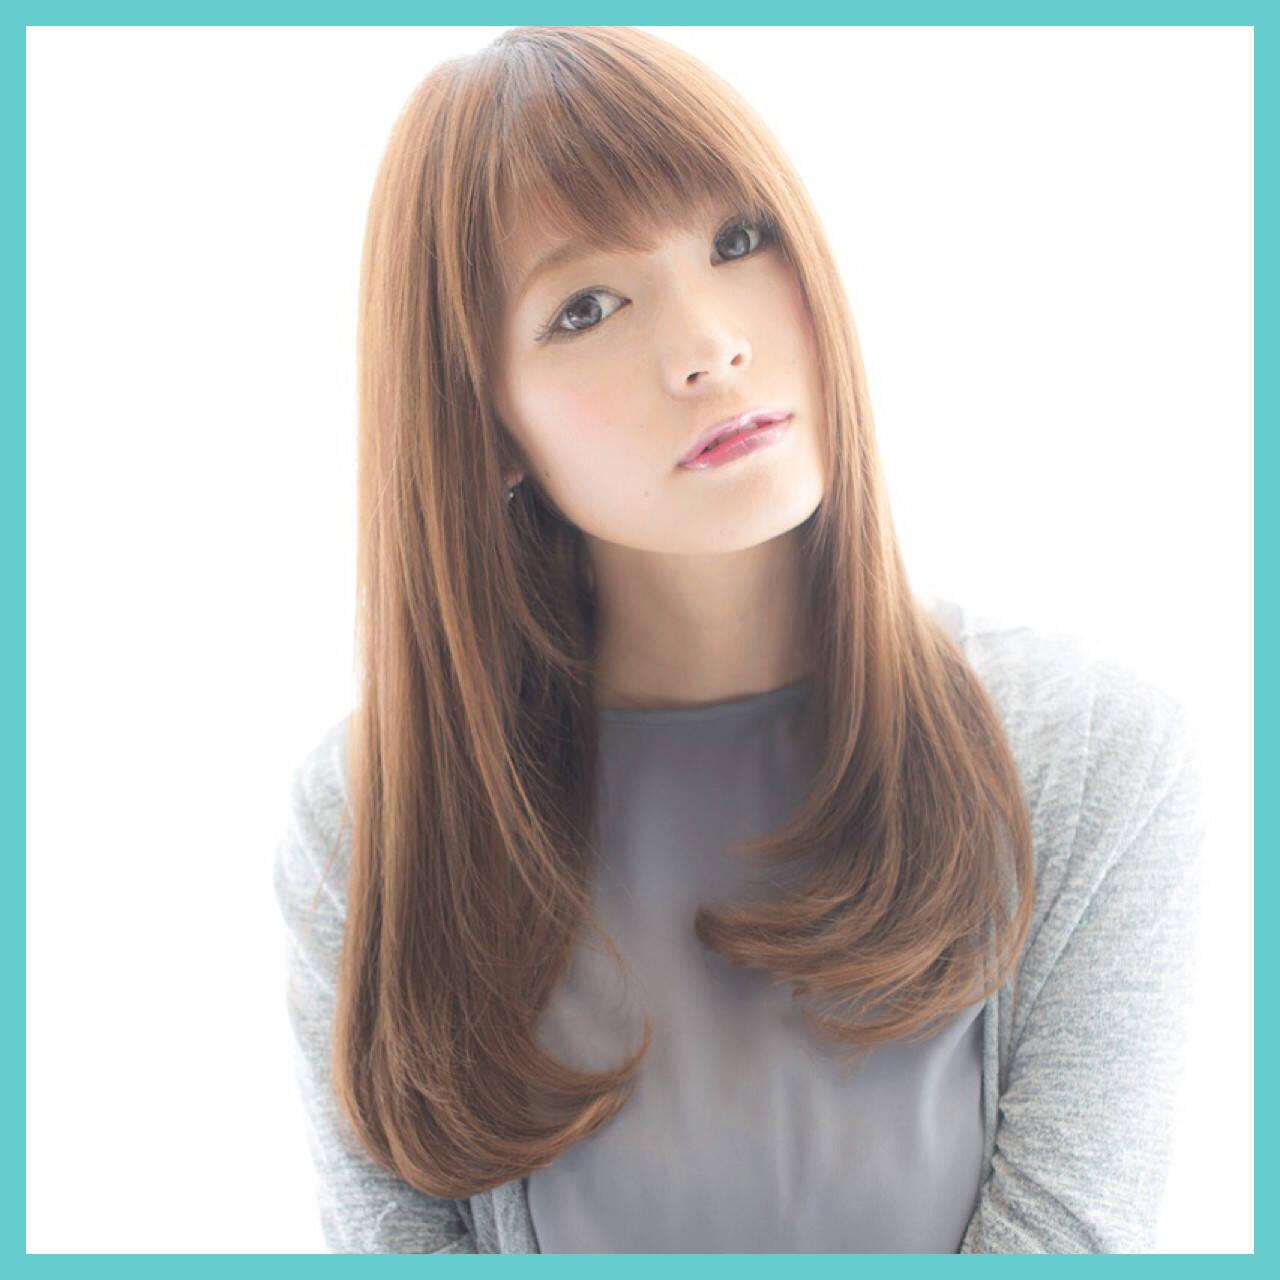 グラデーションカラー ナチュラル セミロング 前髪ありヘアスタイルや髪型の写真・画像